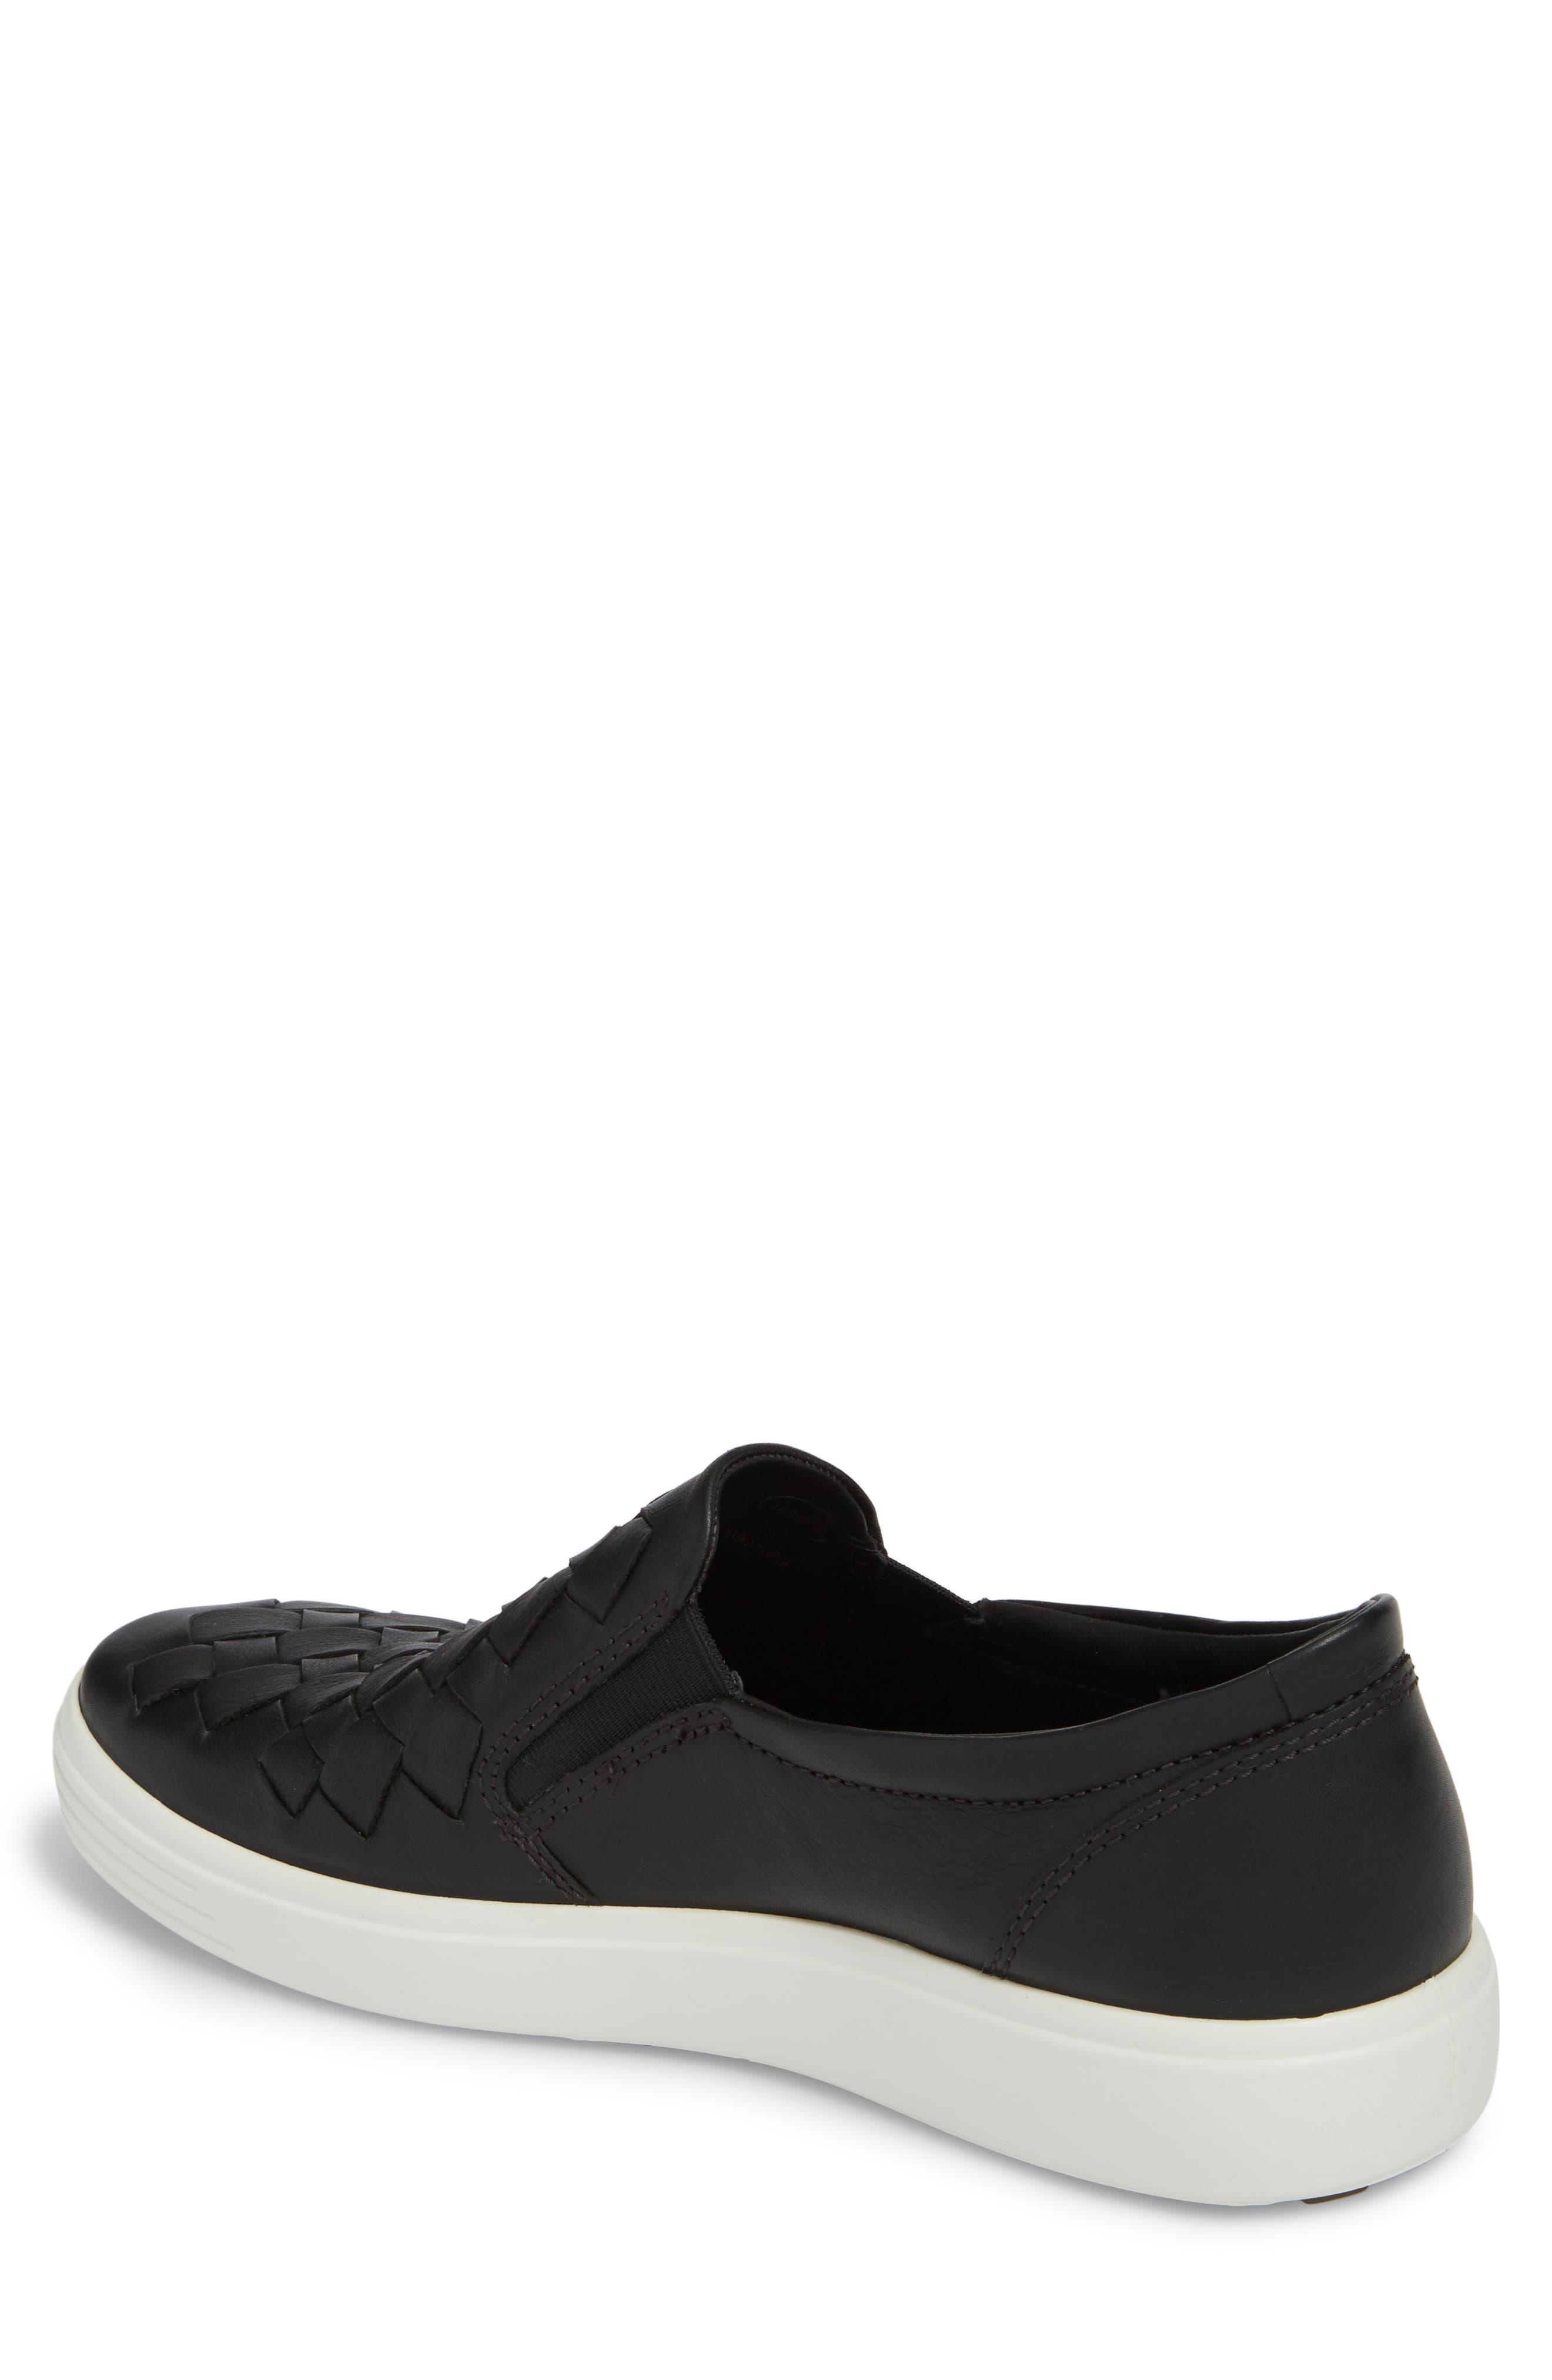 Soft 7 Woven Slip-On Sneaker,                             Alternate thumbnail 2, color,                             BLACK LEATHER